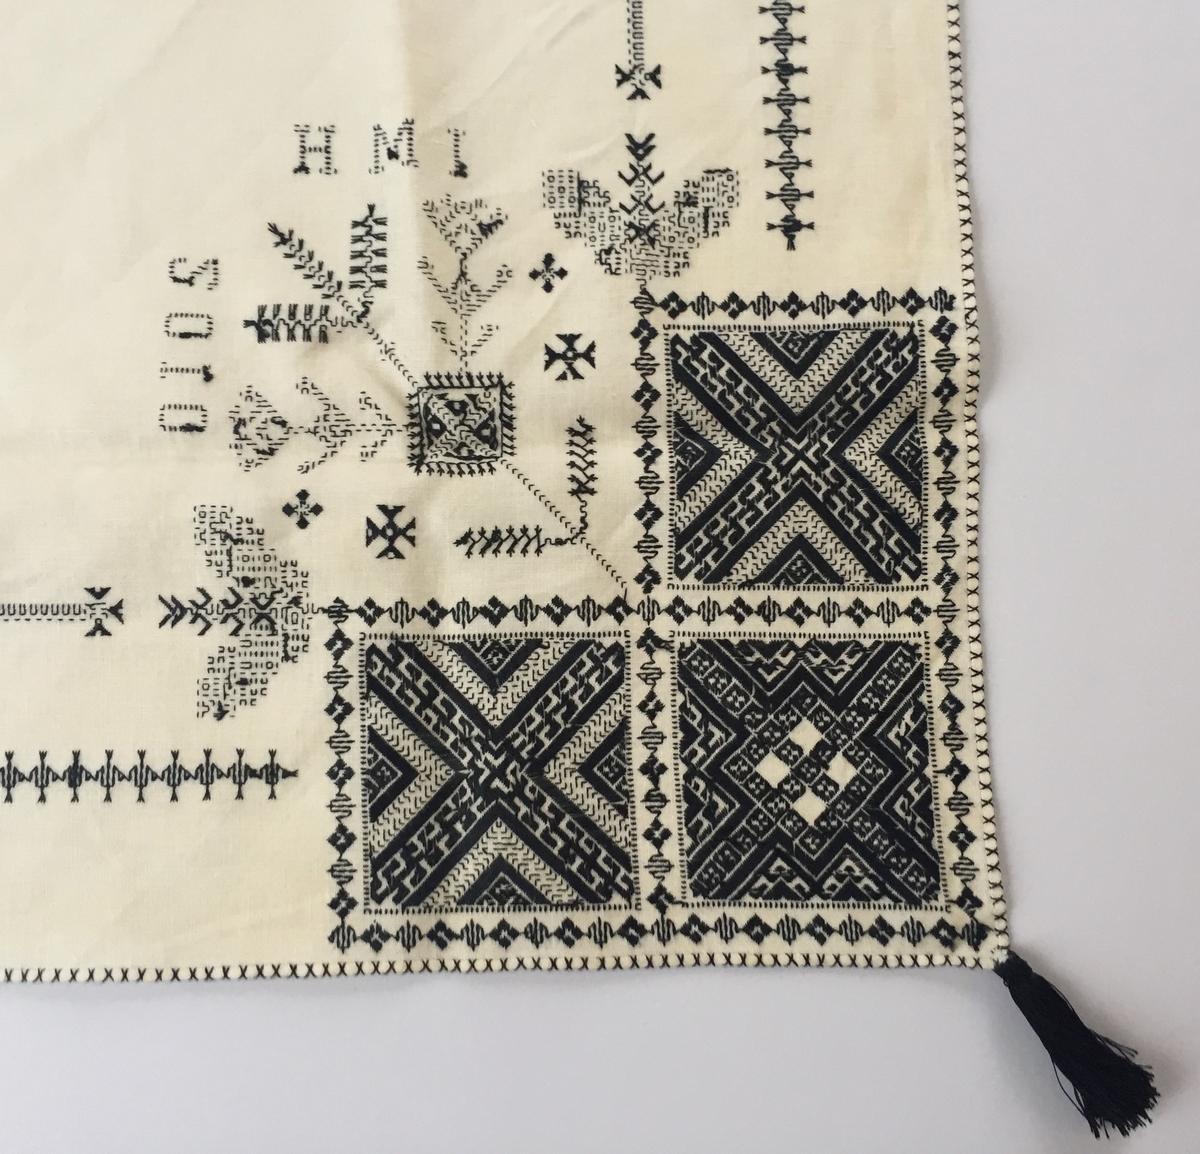 Geometriskt mönster i kvadrater i hörnen huvudsakligen i rätlinjig plattsöm. Två bårder mellan kvadraterna på ryggsnibb och framsnibbar.  På ryggsnibben tre kvadrater och en majstångsspira samt märkning med årtal och initialer. På varje framsnibb en kvadrat och en trekant. Fyra ornament.